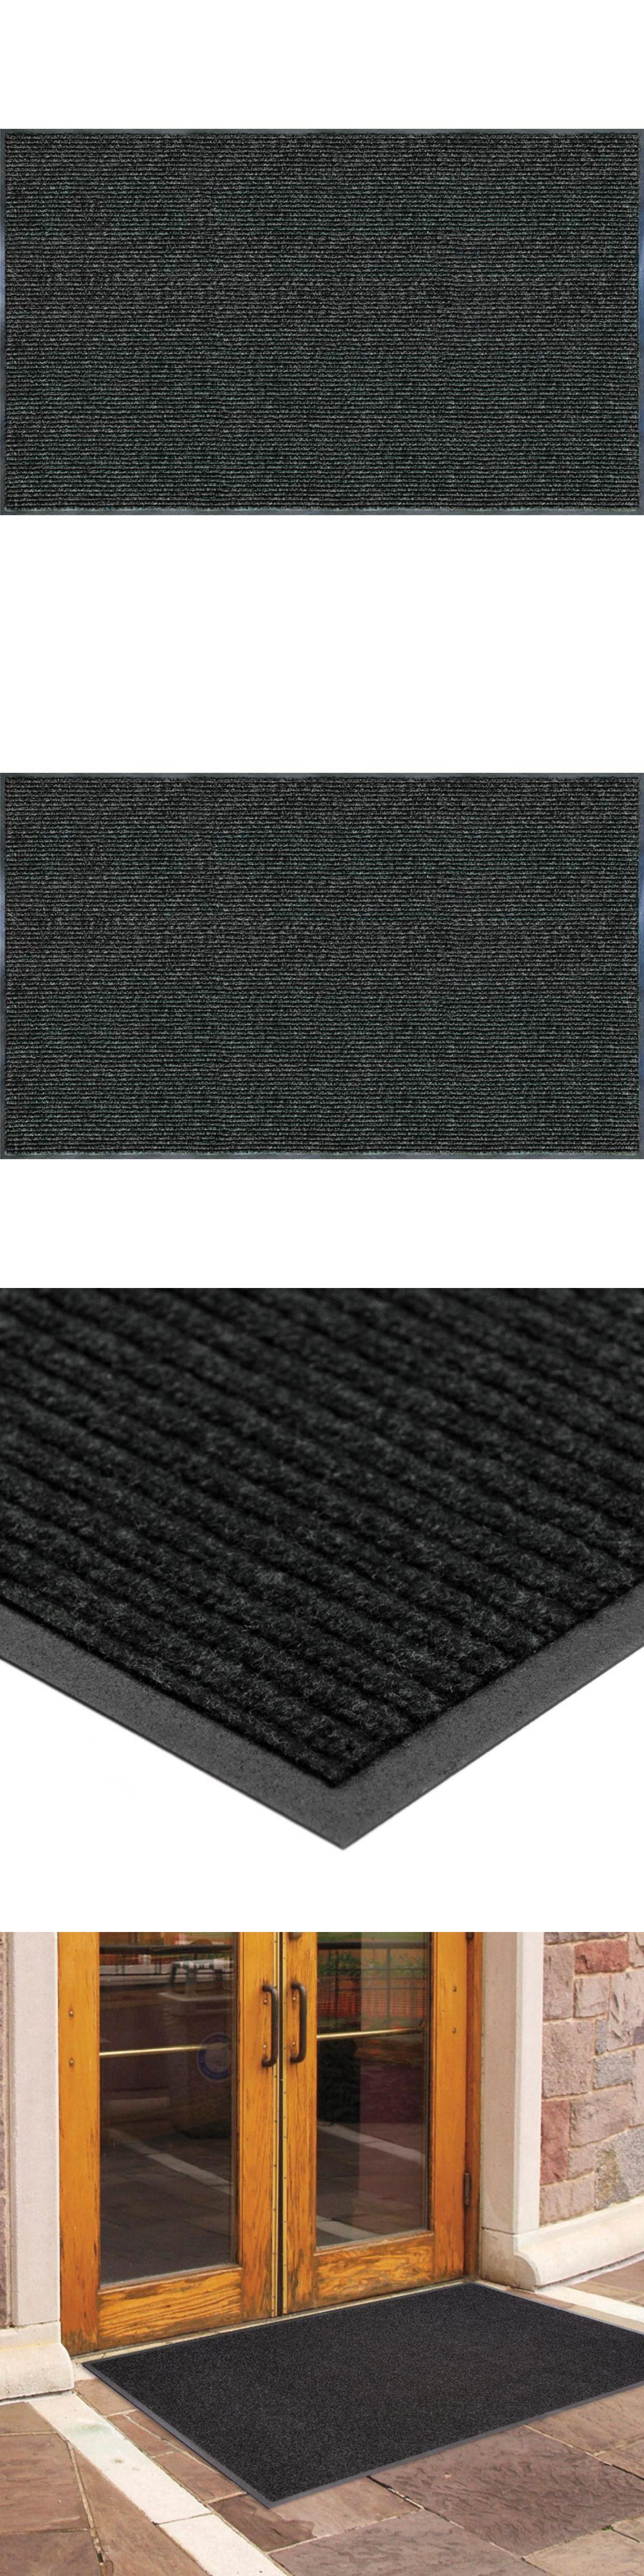 Best Door Mats And Floor Mats 20573 Floor Mat Rubber Entry Rug Non Slip Commercial Entrance 60 X 36 400 x 300